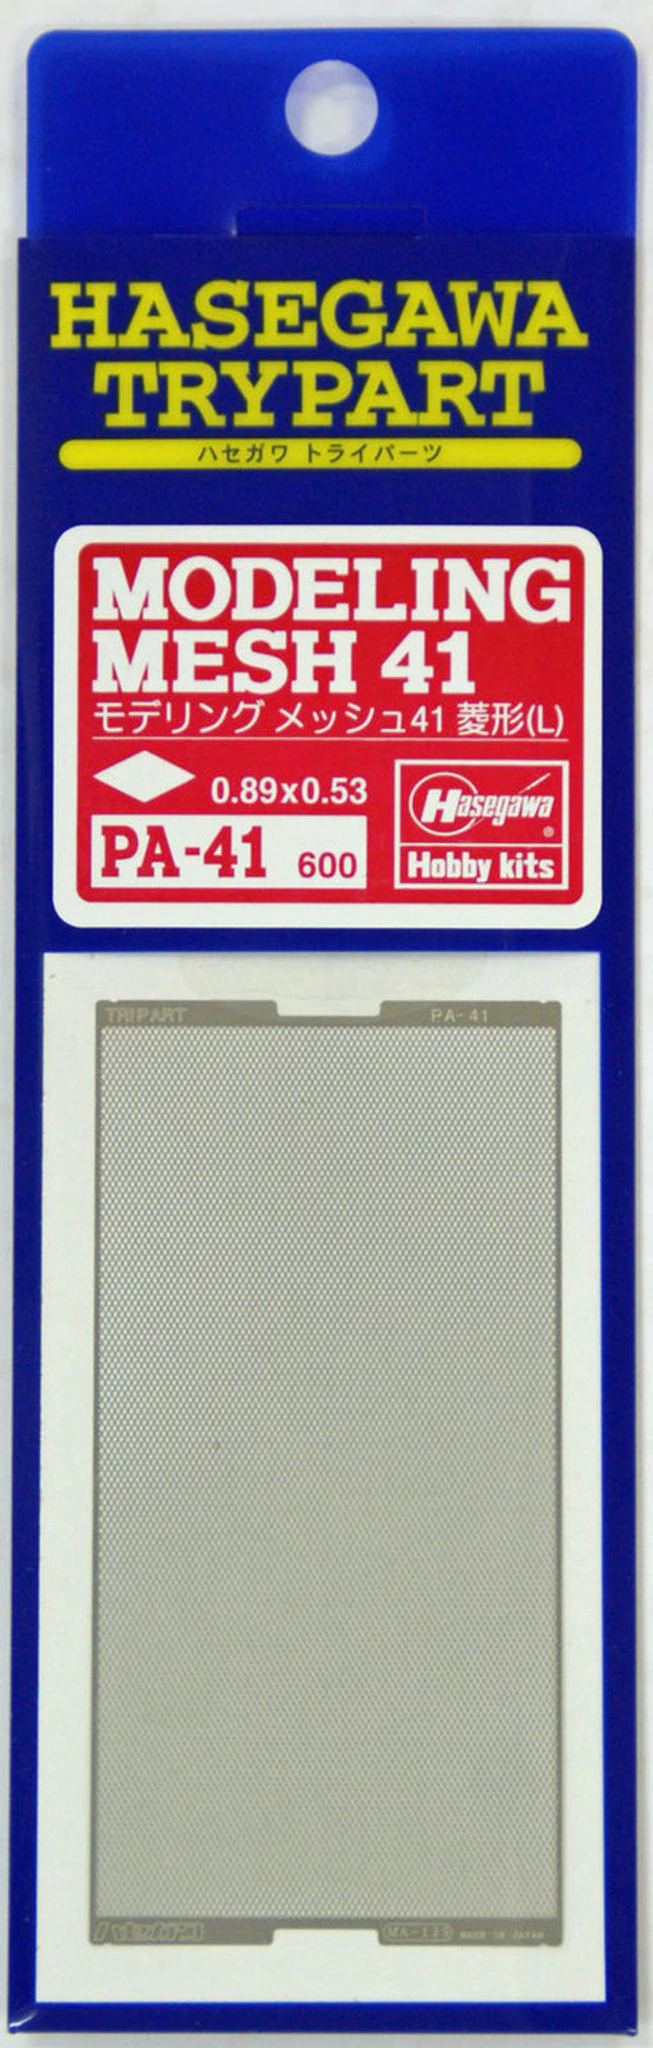 Hasegawa Modeling Mesh 41 ( Lozenge ?Large Size )